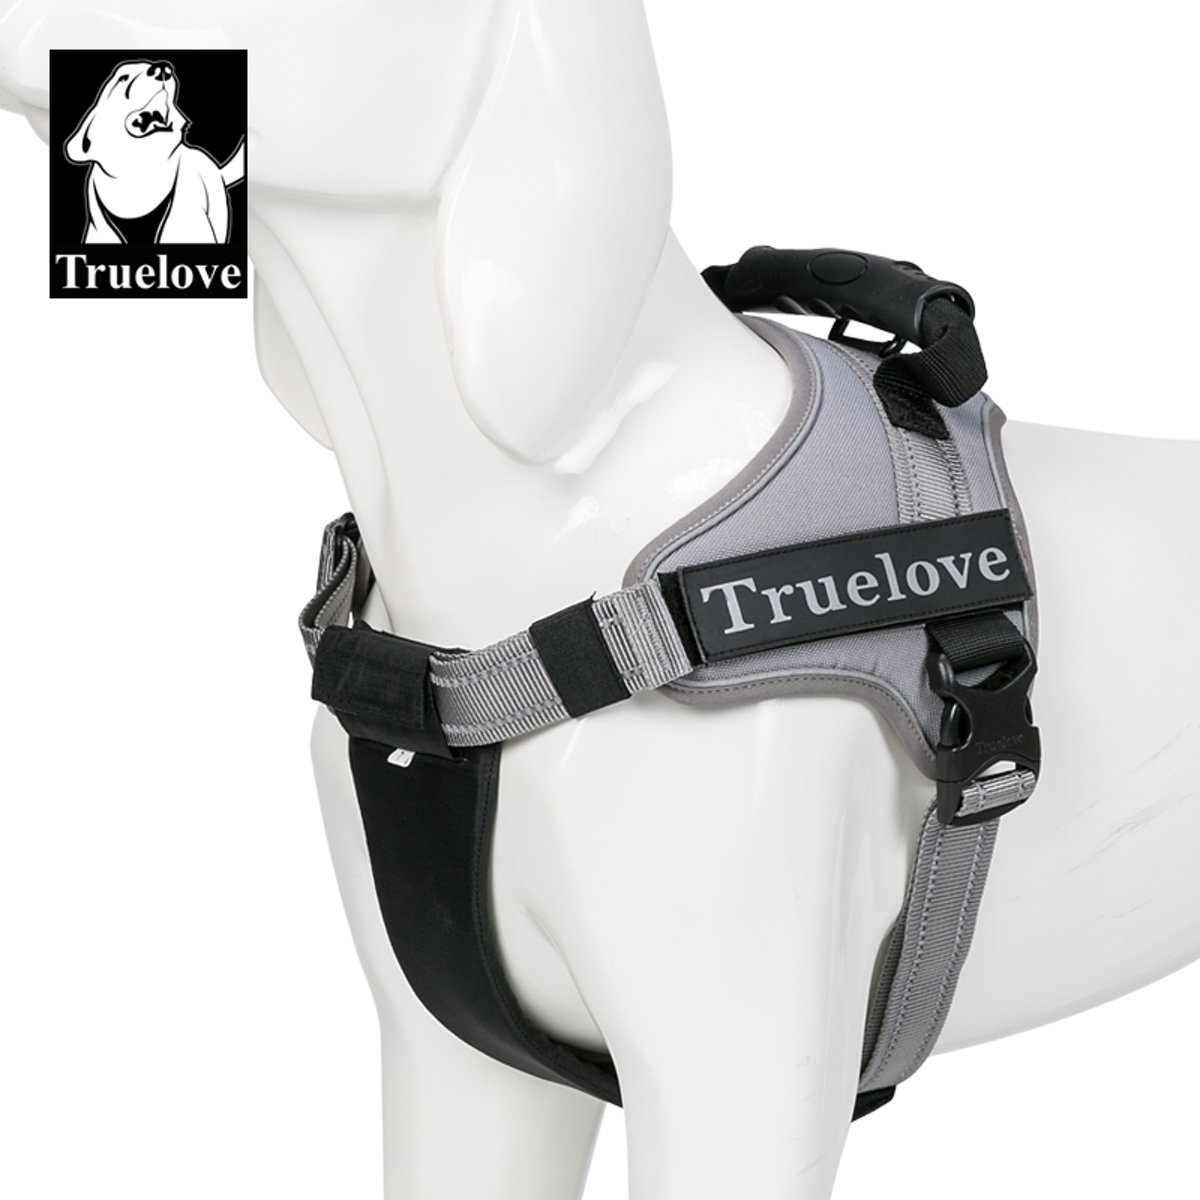 Truelove Hondenharnas - Maat S - 49 - 67 cm - Grijs TLH5753 kopen